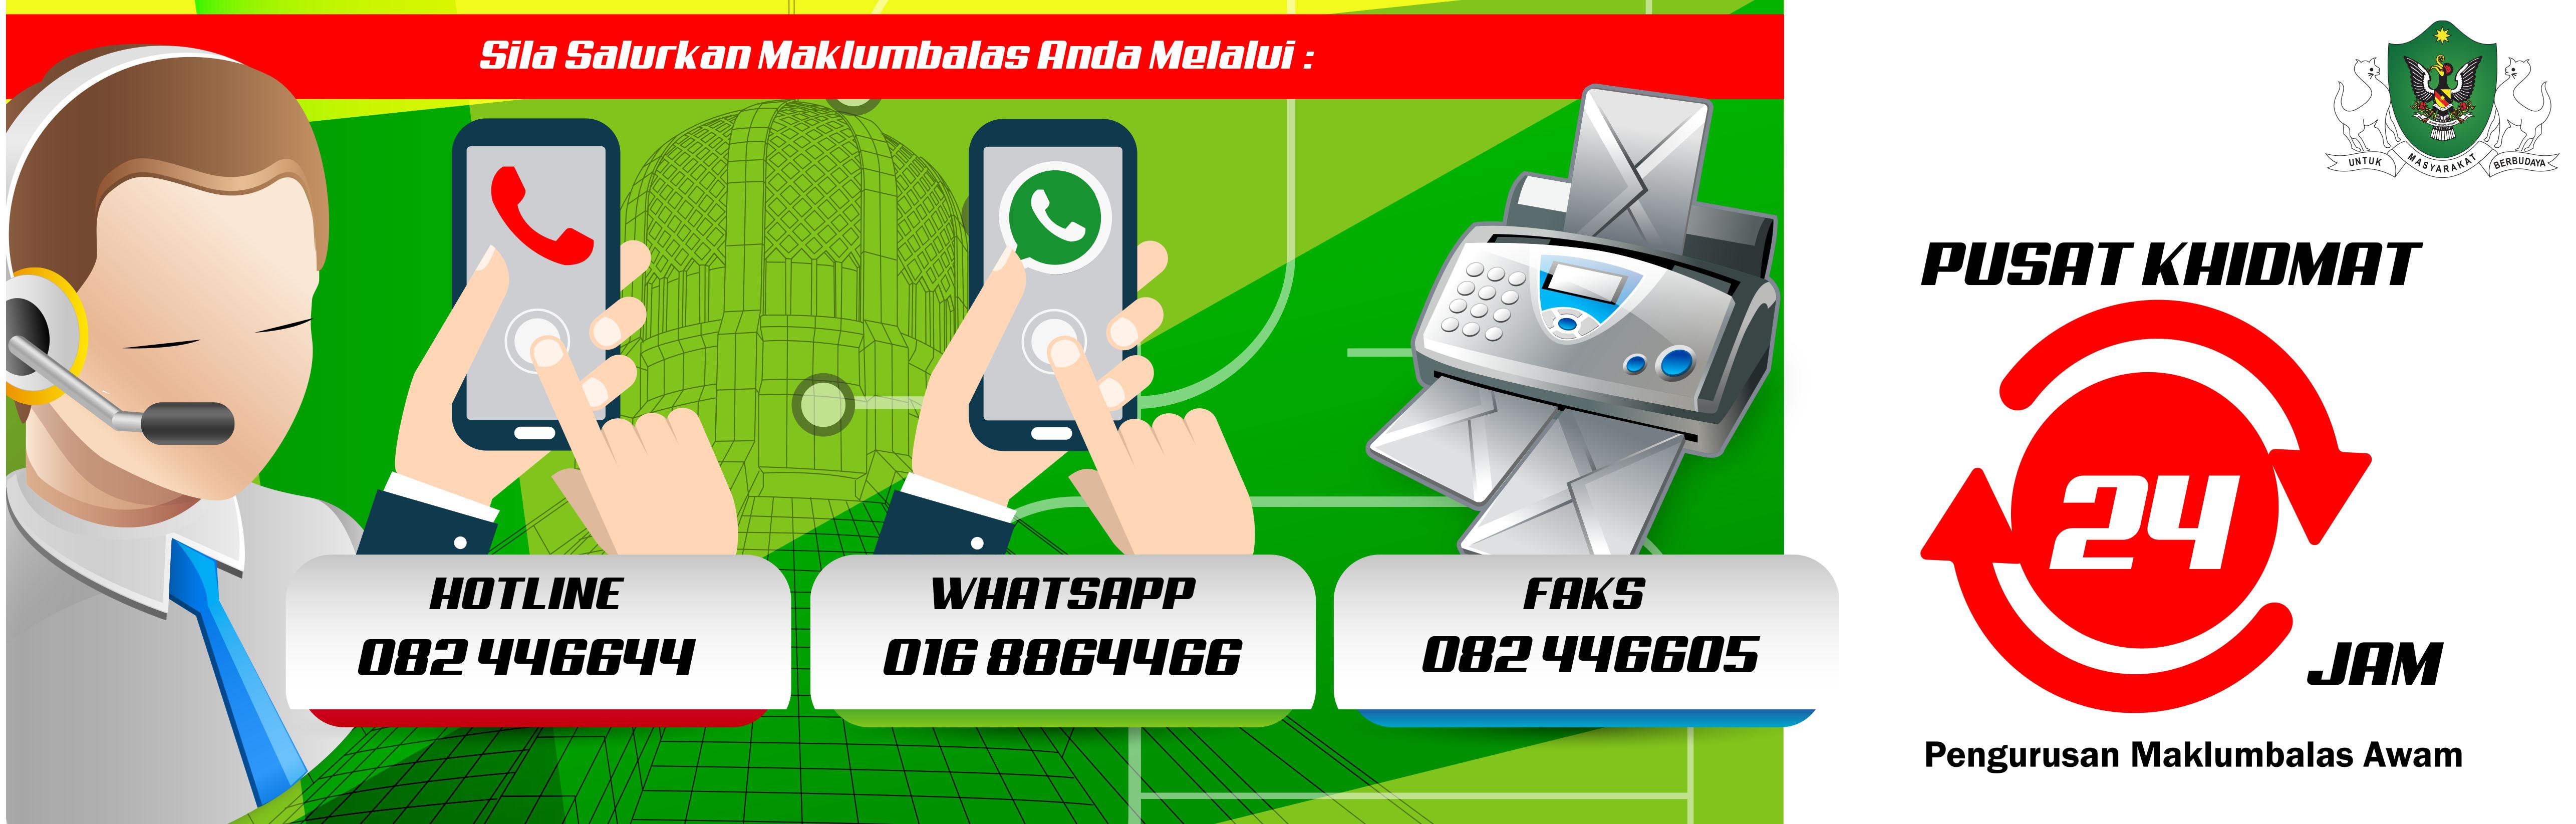 slide_5d54d3912b018.jpg